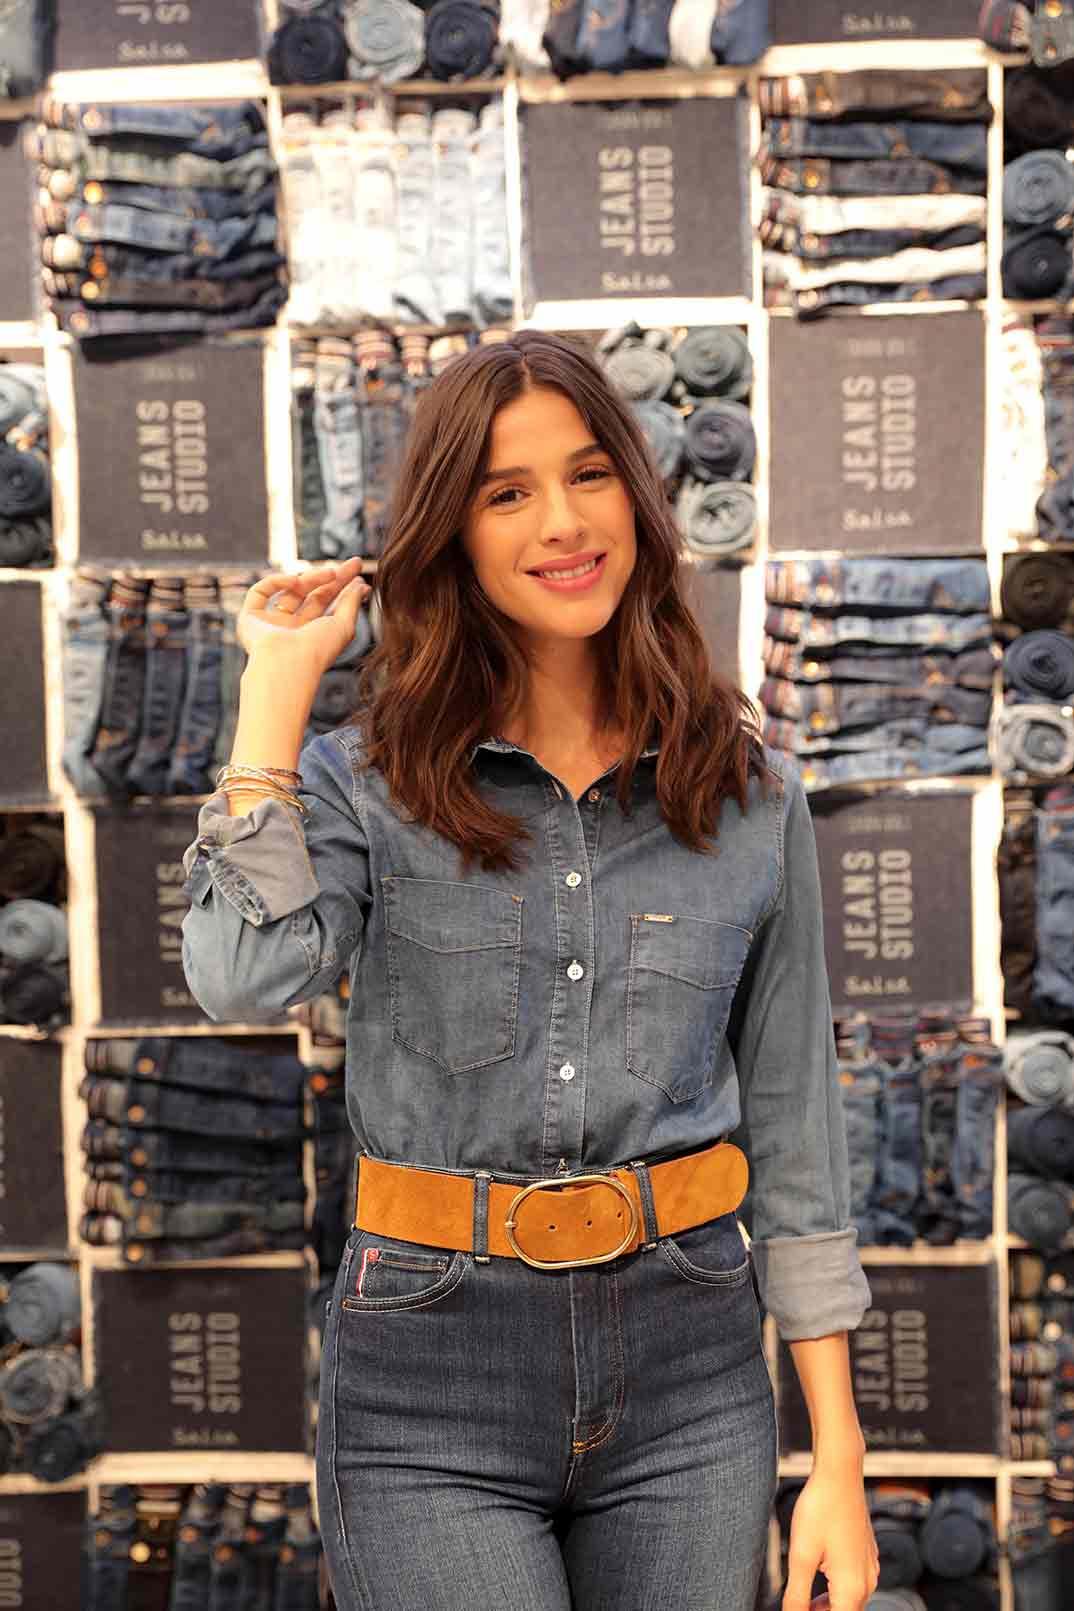 Sandra Gago - Salsa